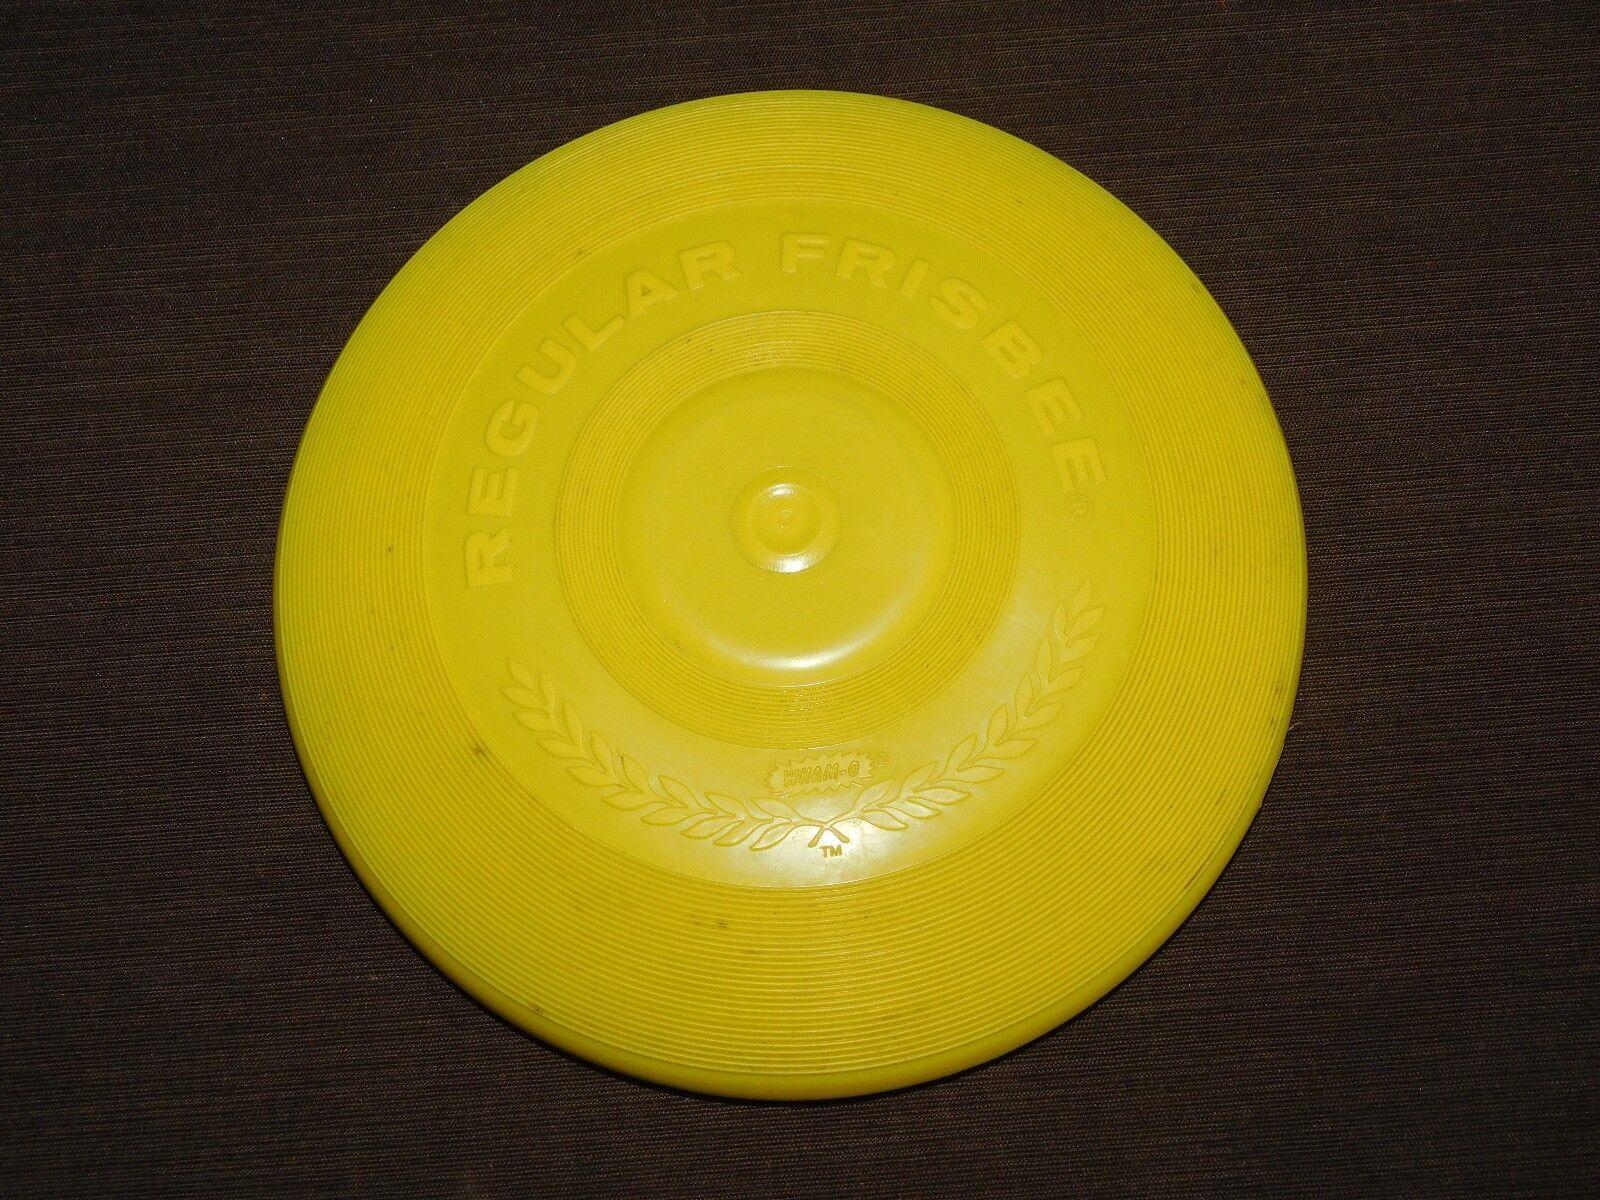 Alten spielzeug - 8 3   4  in 1966 wham-o gelbe regelmäßige frisbee